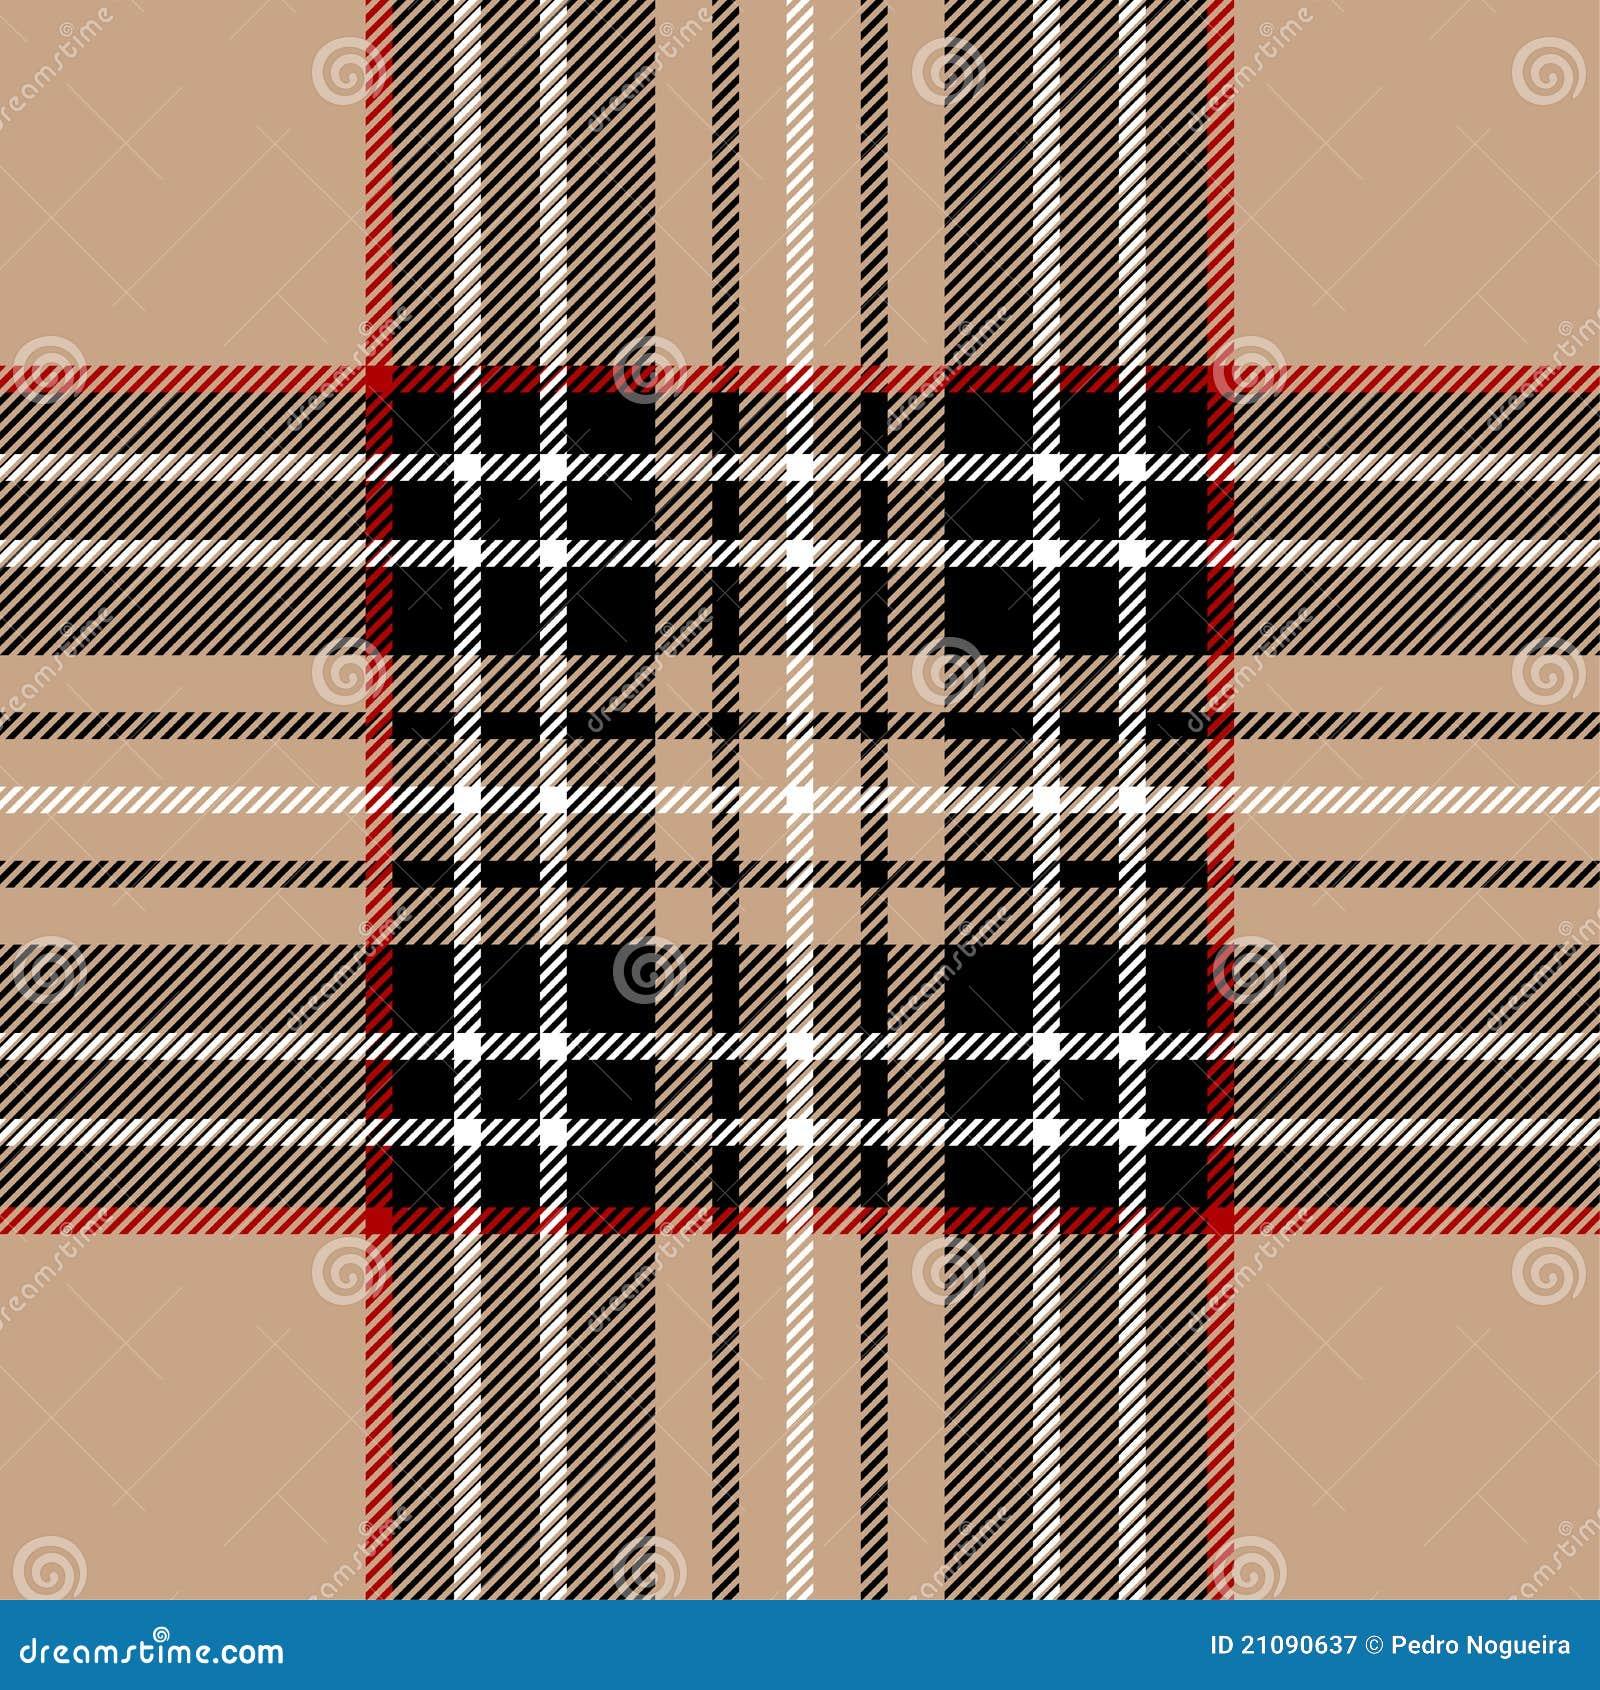 Schotse Geruite Wollen Stof.Klassiek Beige Geruite Schotse Wollen Stof Vector